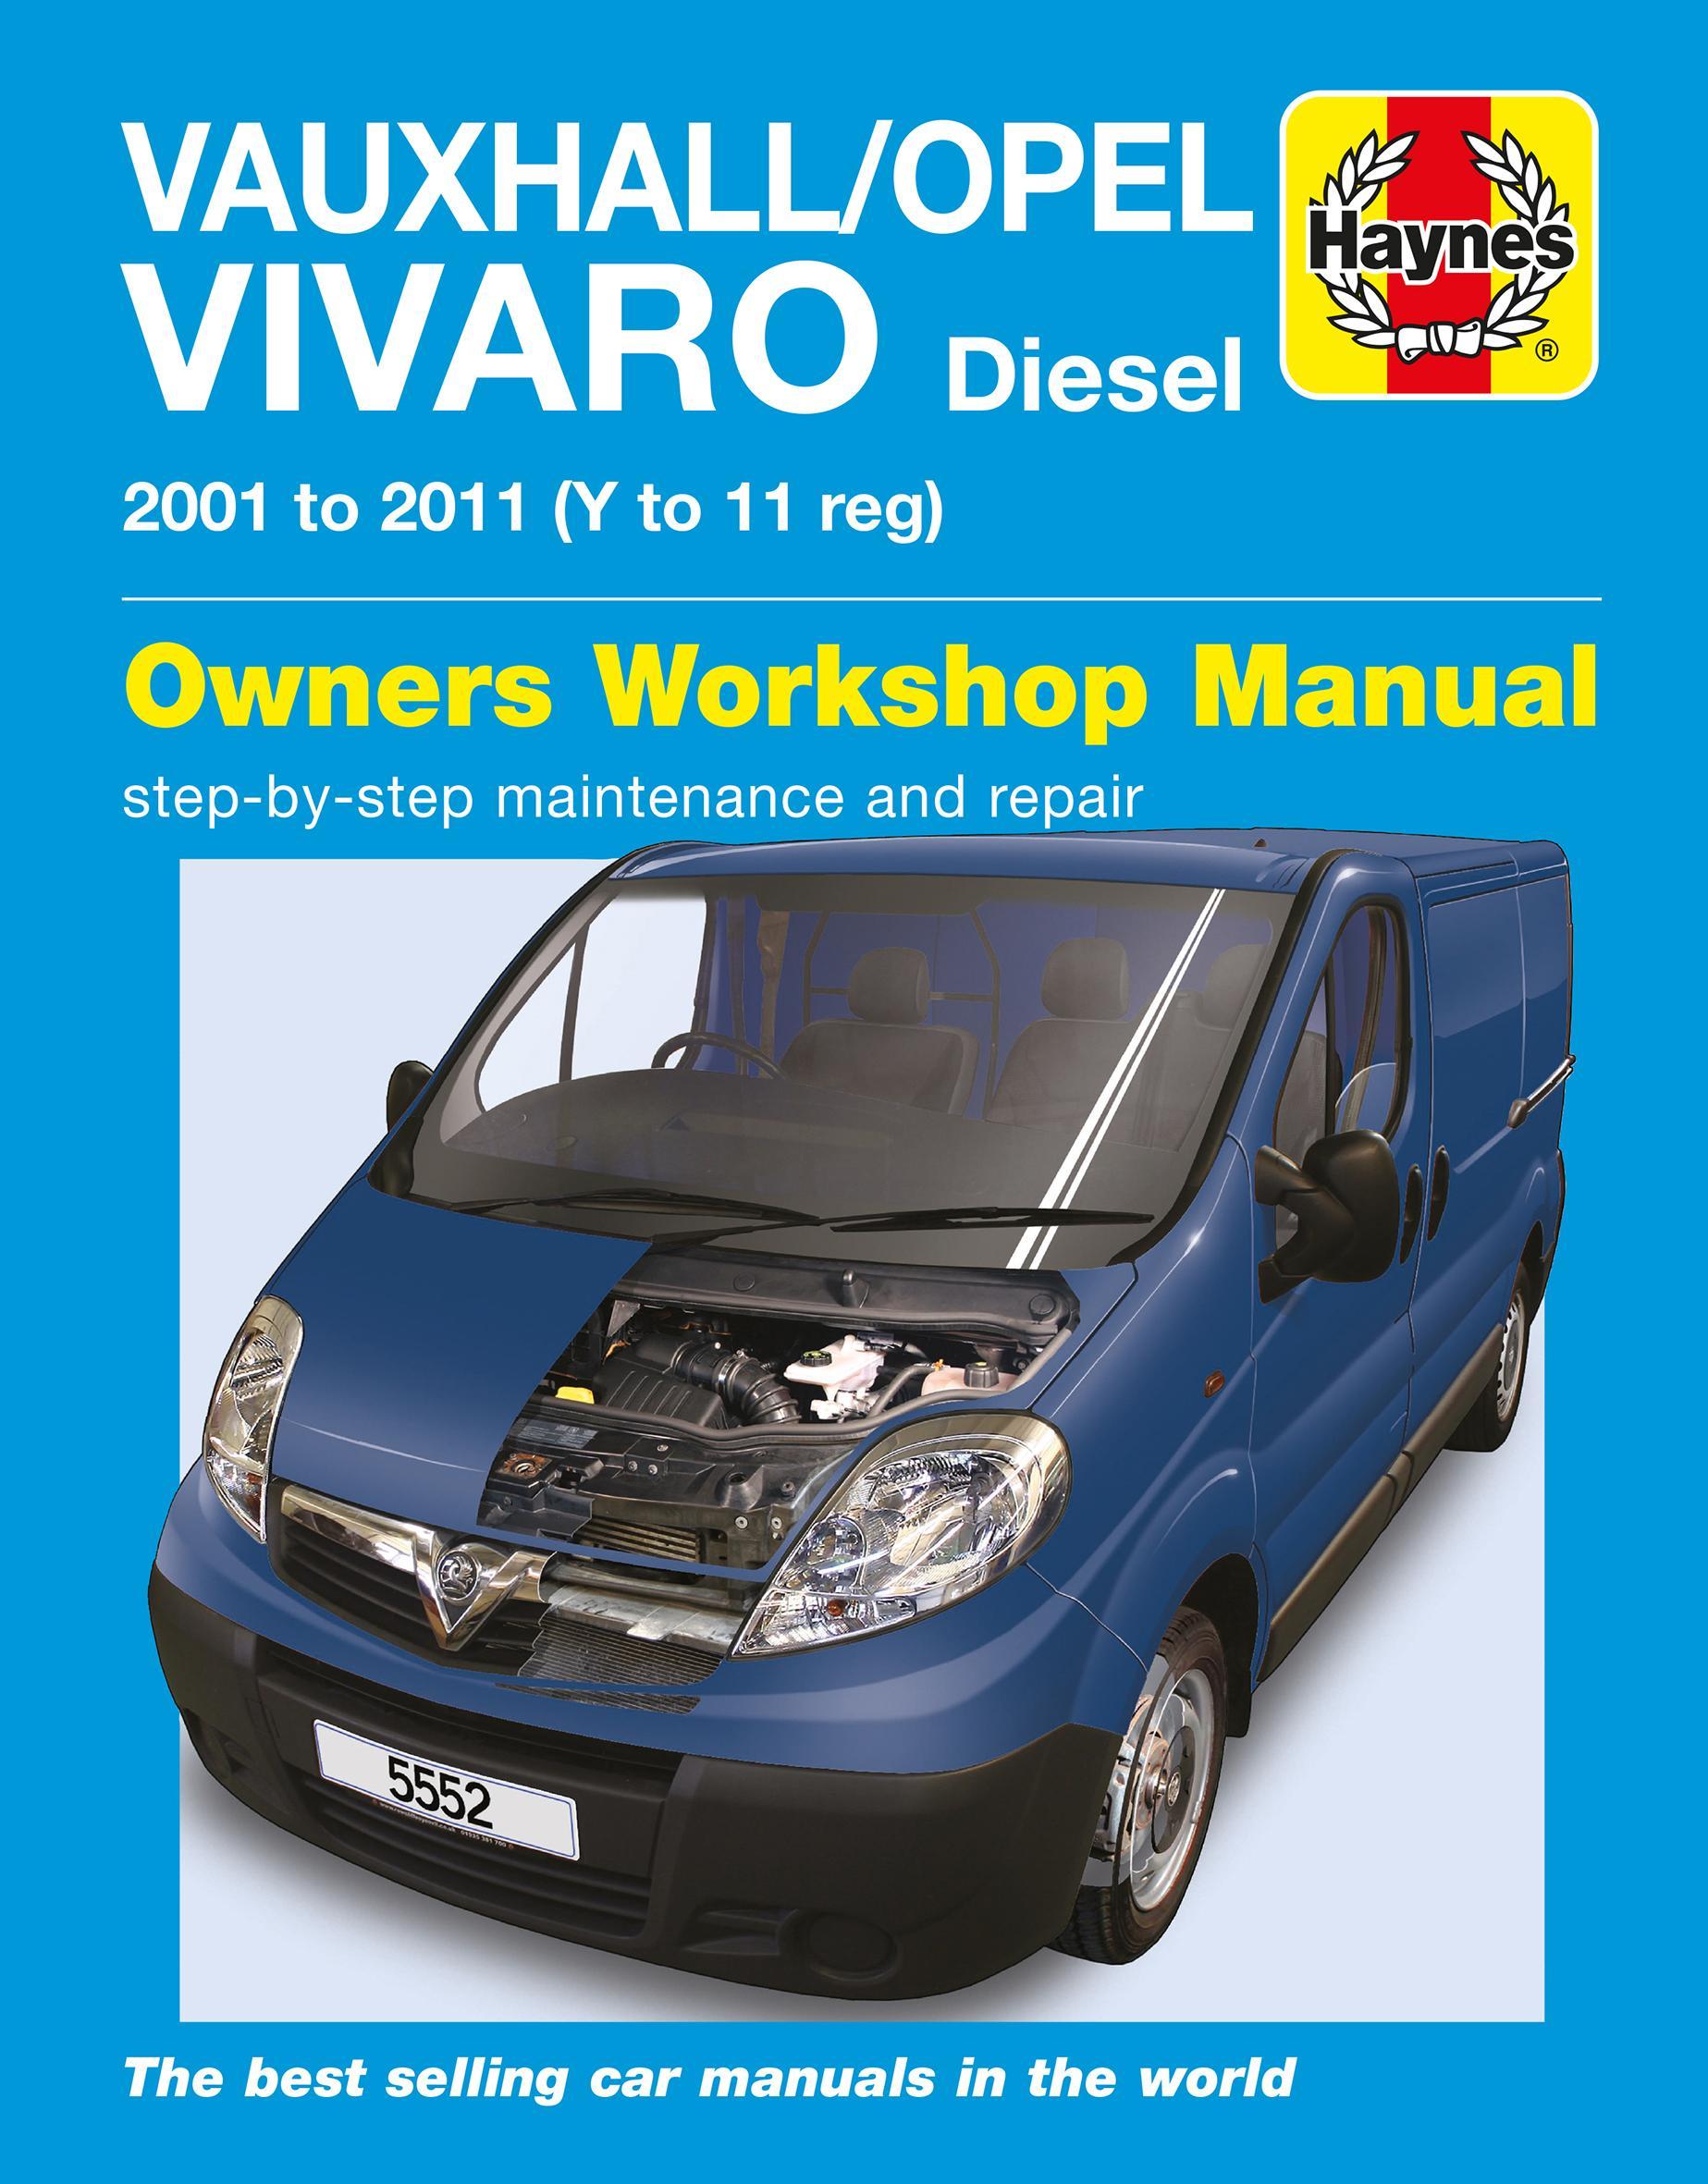 haynes vauxhall opel vivaro diesel rh halfords com vauxhall vivaro owner's manual vauxhall vivaro workshop manual free download